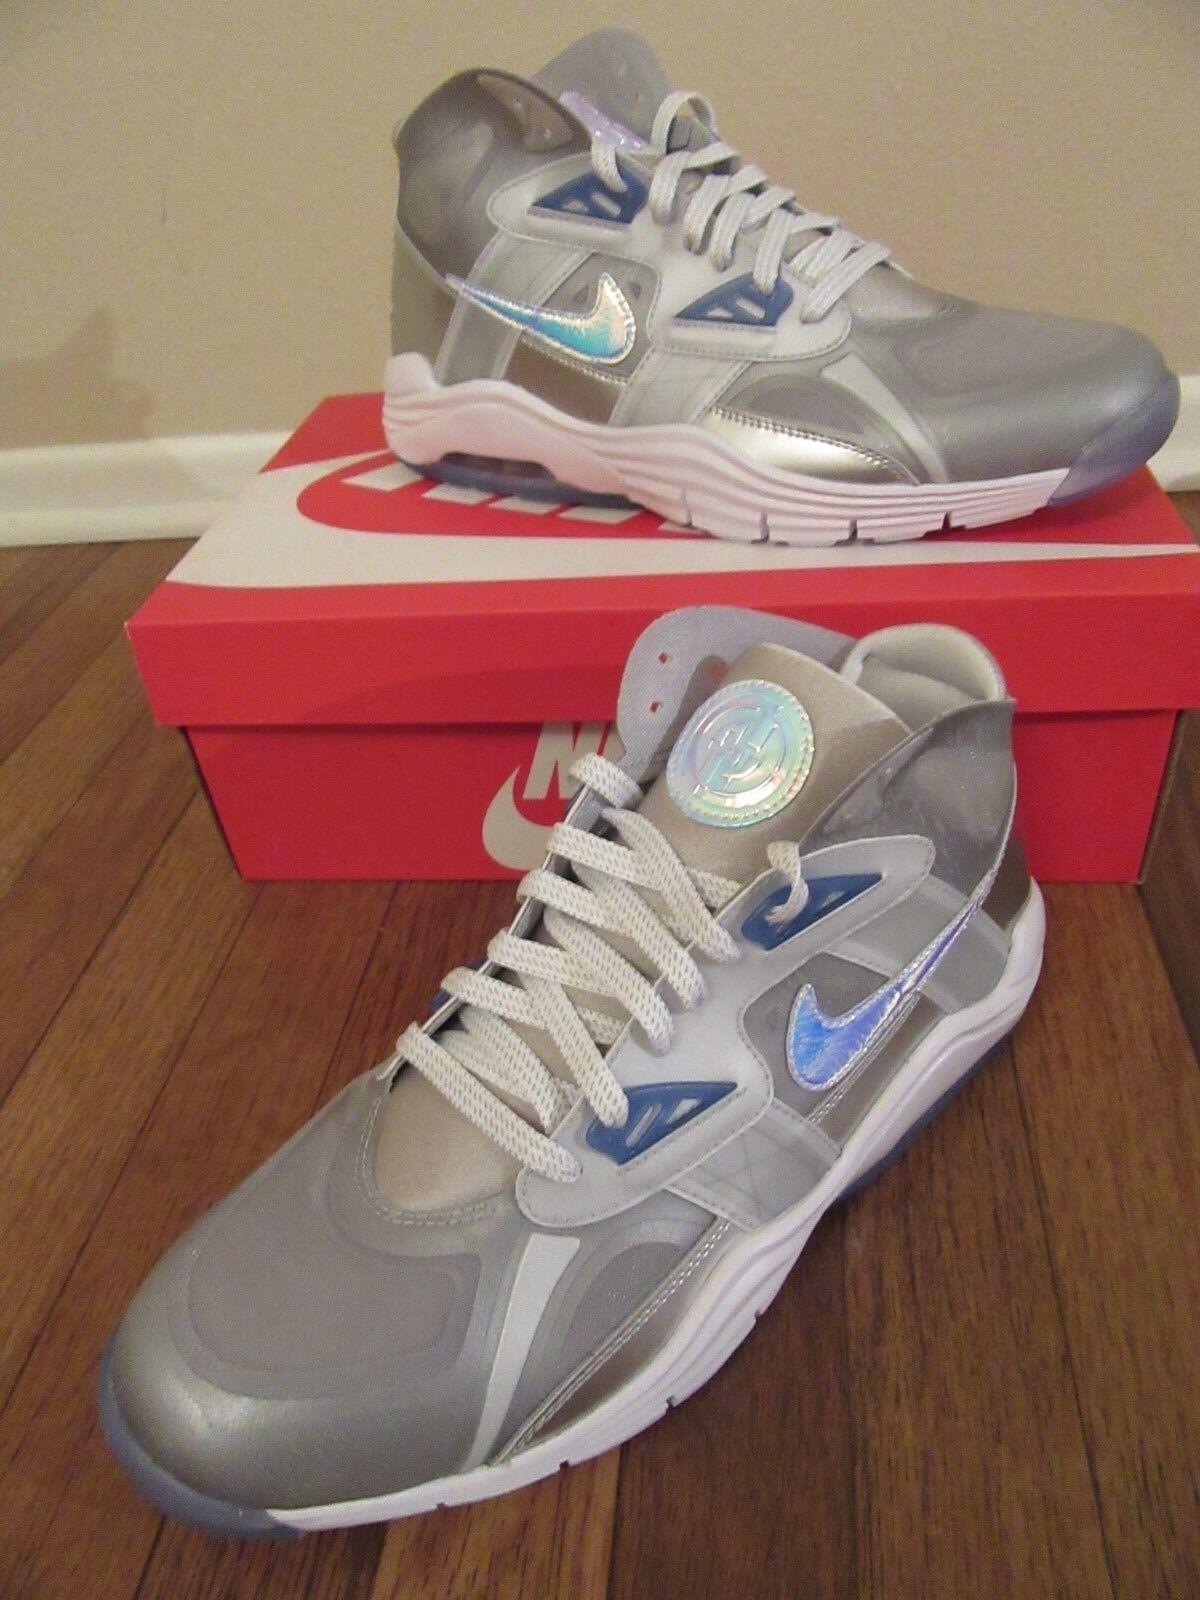 Nike lunar 180 180 180 trainer sc sonodiventate qs dimensioni 11,5 argento metallico 646797 001 pennino sb ltd e4a90f